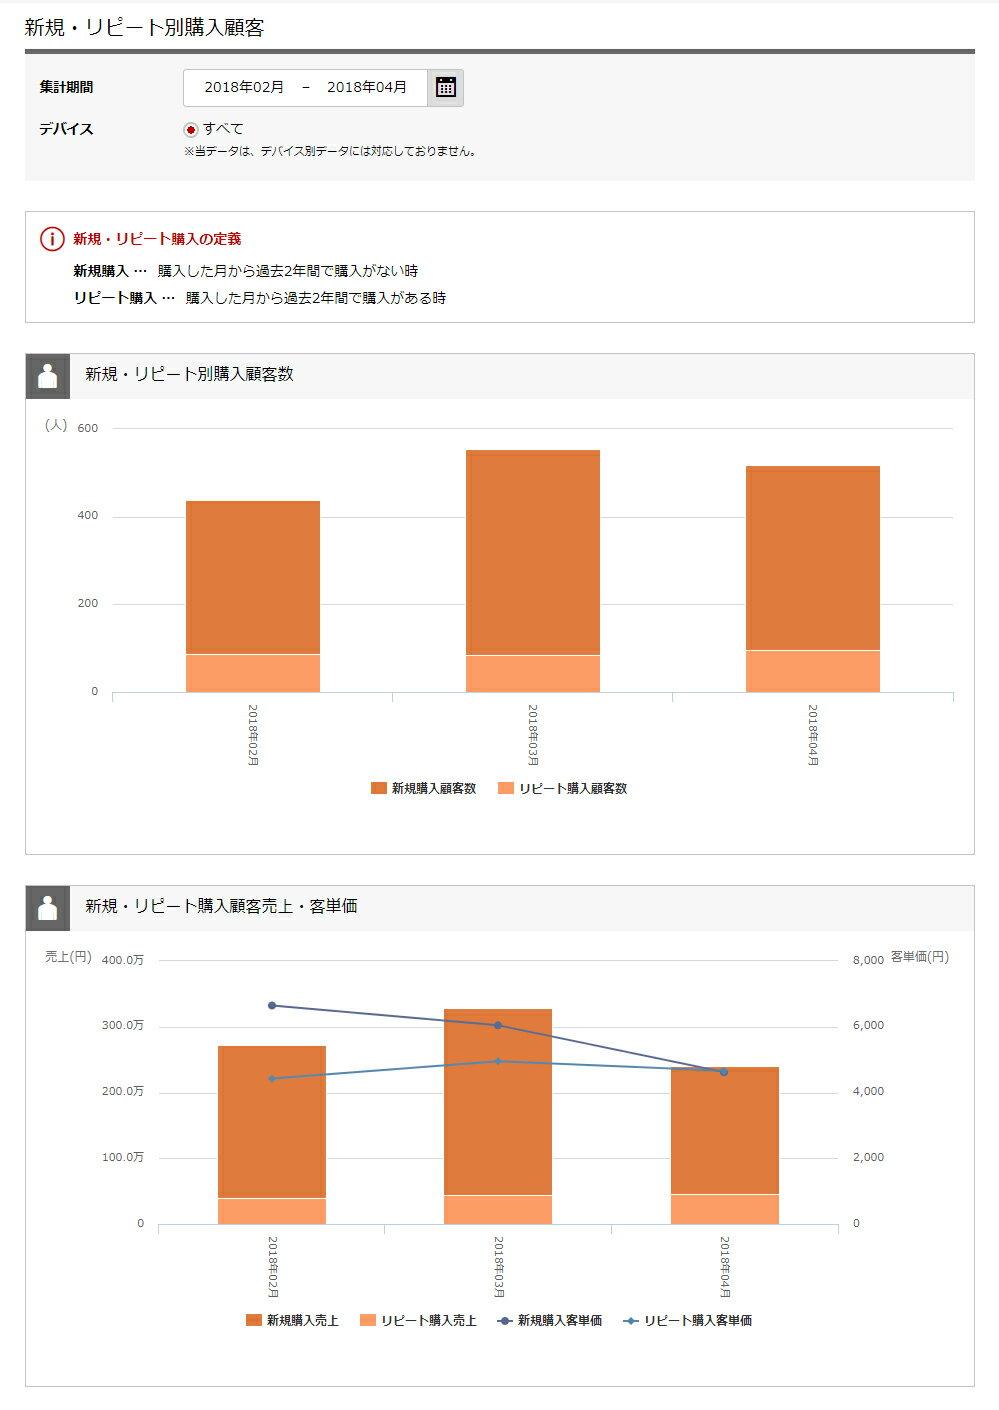 「店舗カルテ」店舗分析レポート:新規・リピート別購入顧客数